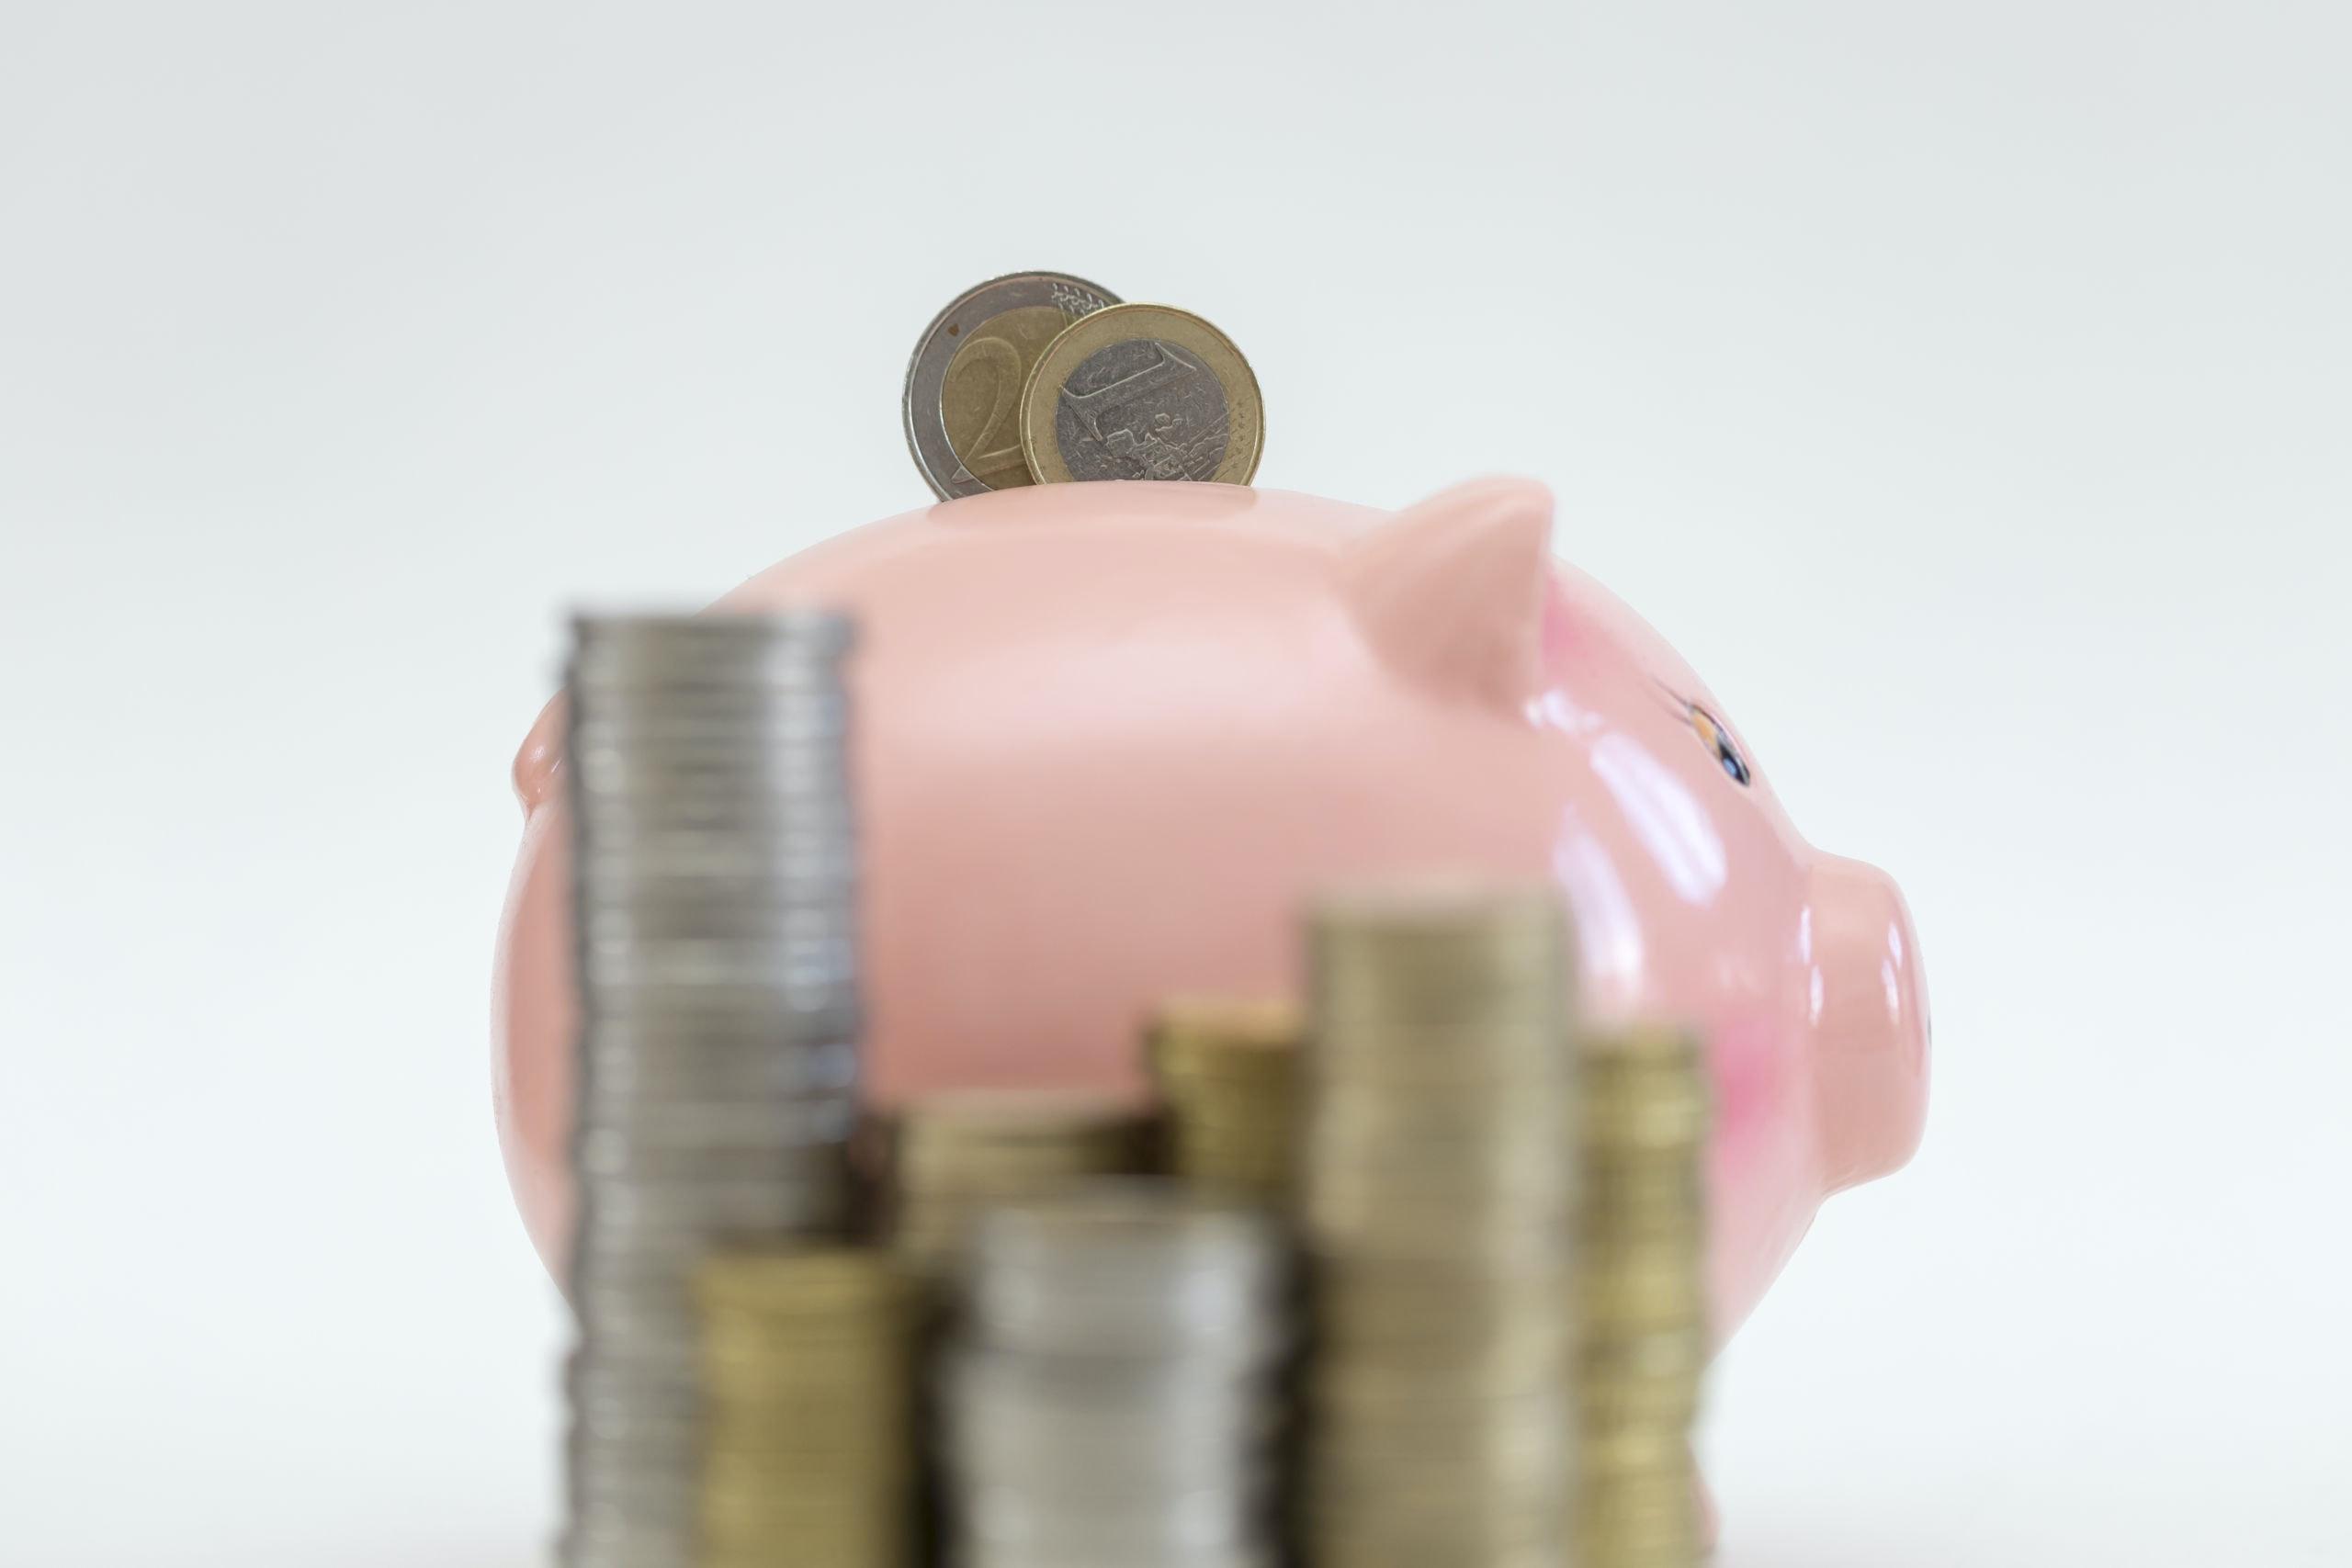 Grote behoefte aan tijdelijke stop pensioenpremie